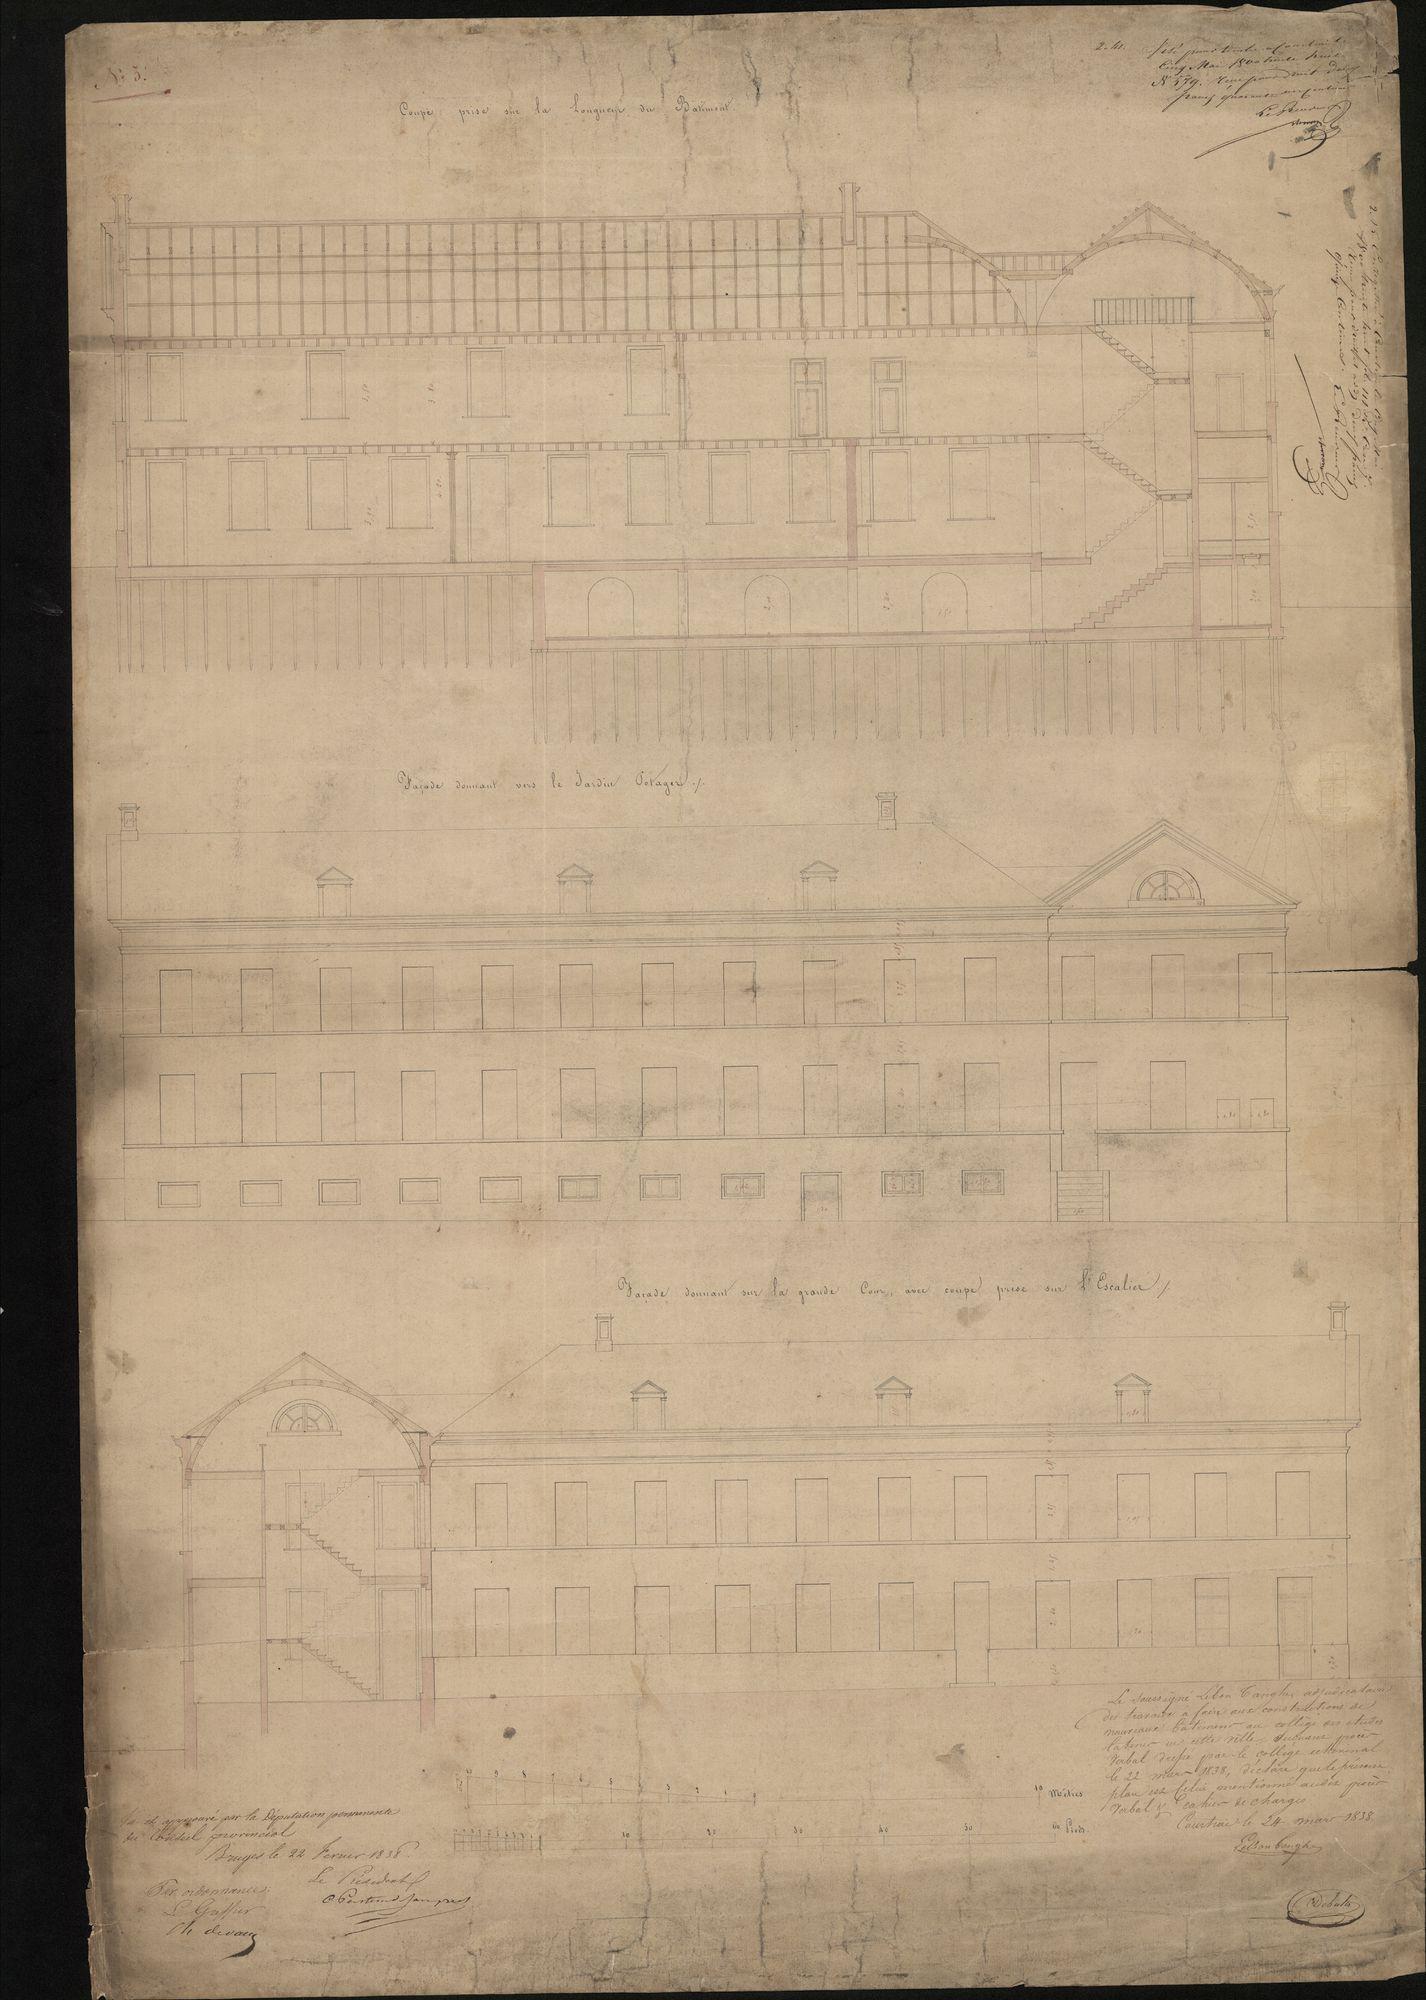 Bouwplan van een op te richten kapel van het Sint-Amandscollege te Kortrijk, 1861